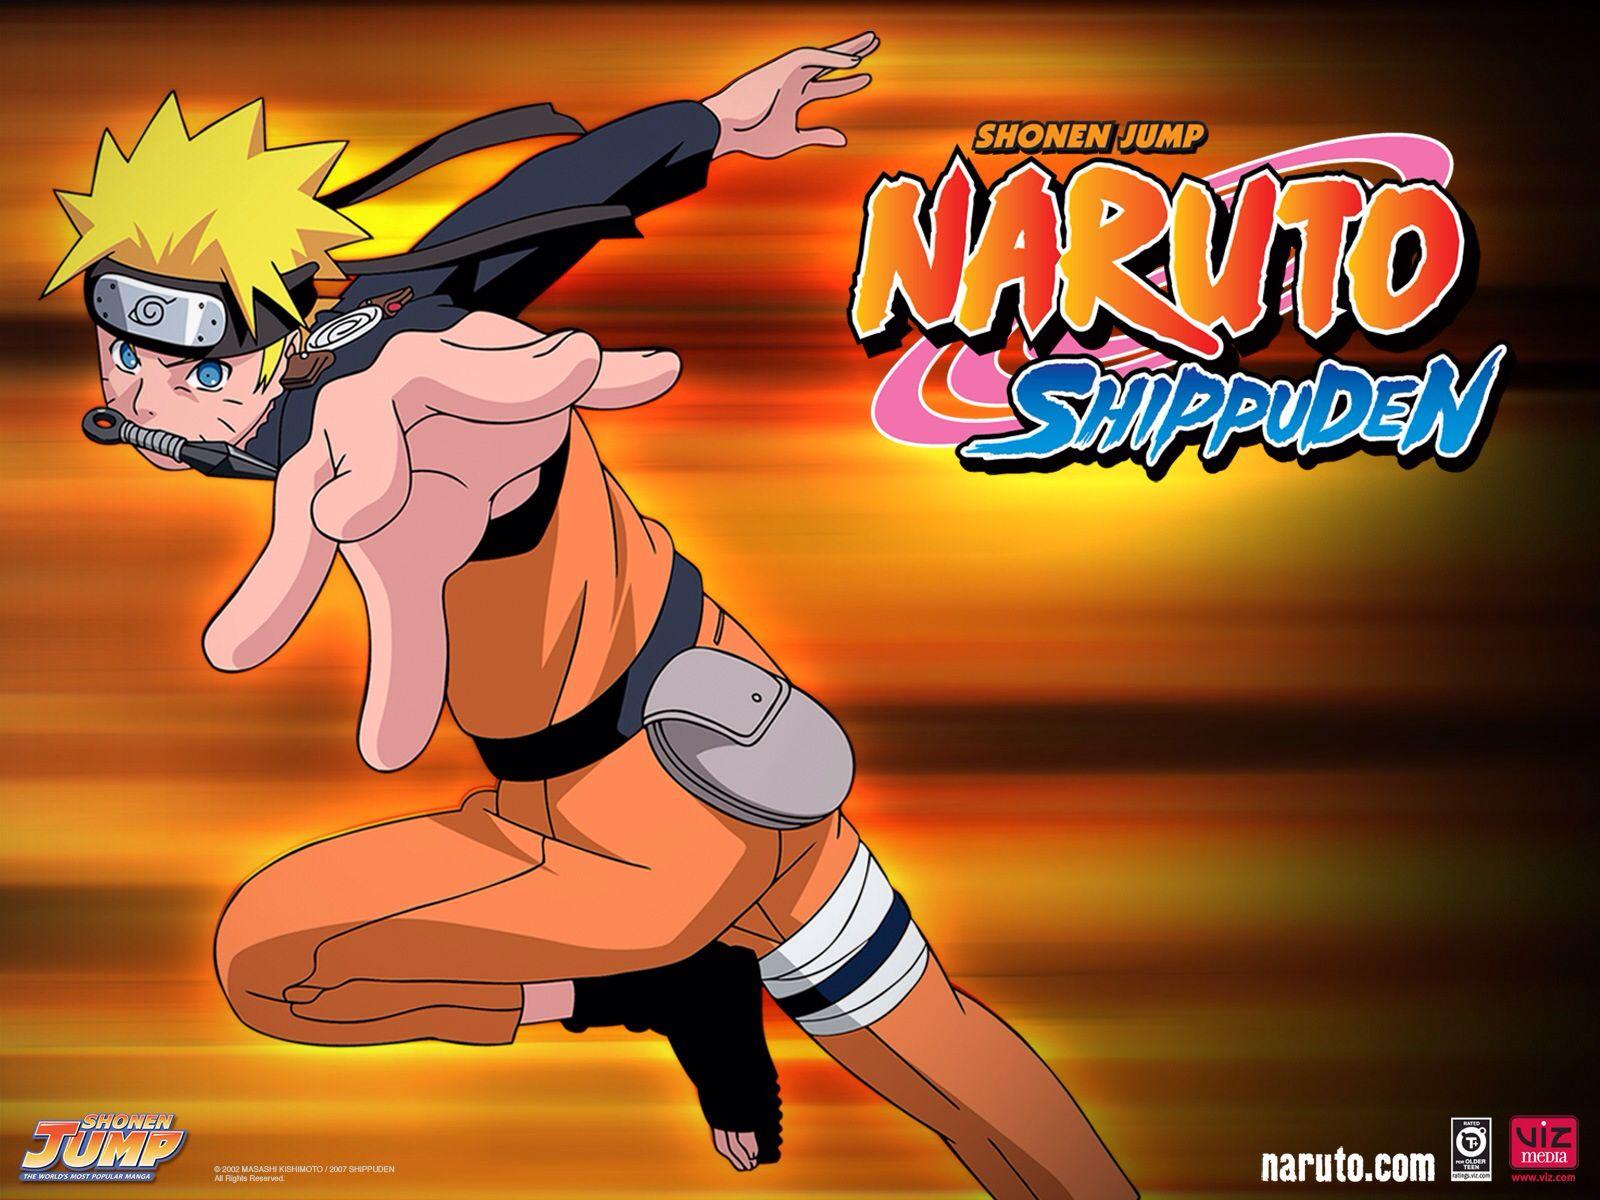 Naruto Shippuden Naruto episodes, Naruto uzumaki